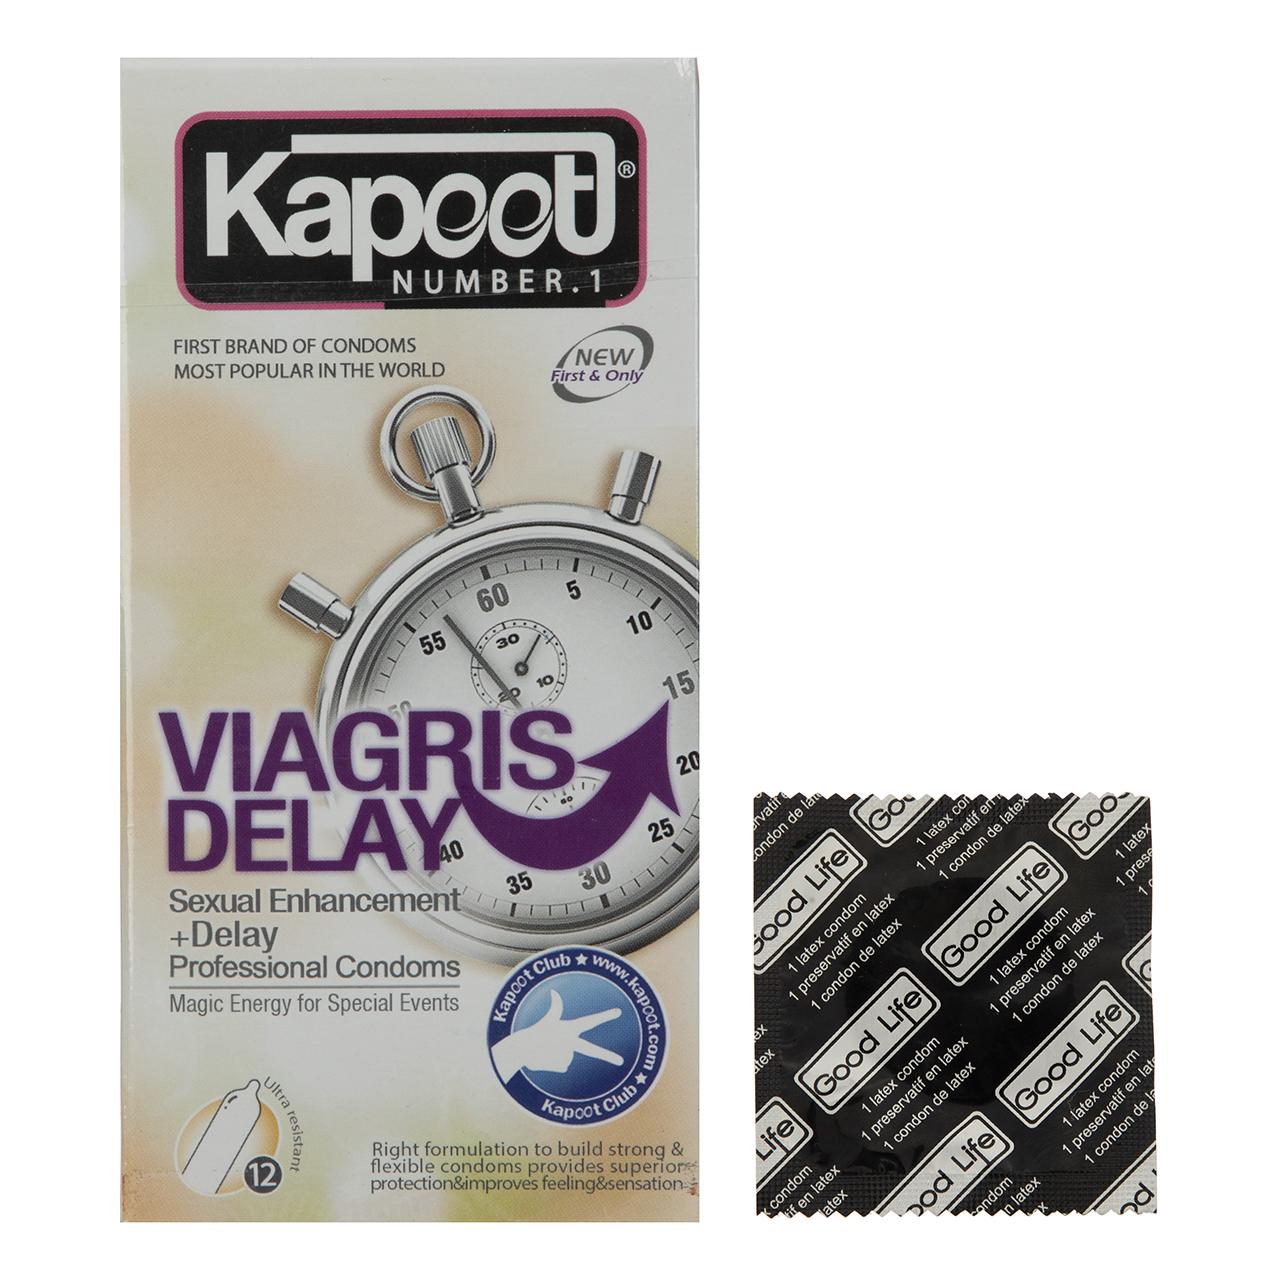 کاندوم تاخیری کاپوت مدل Viagris بسته 12 عددی به همراه یک عدد کاندوم Good Life